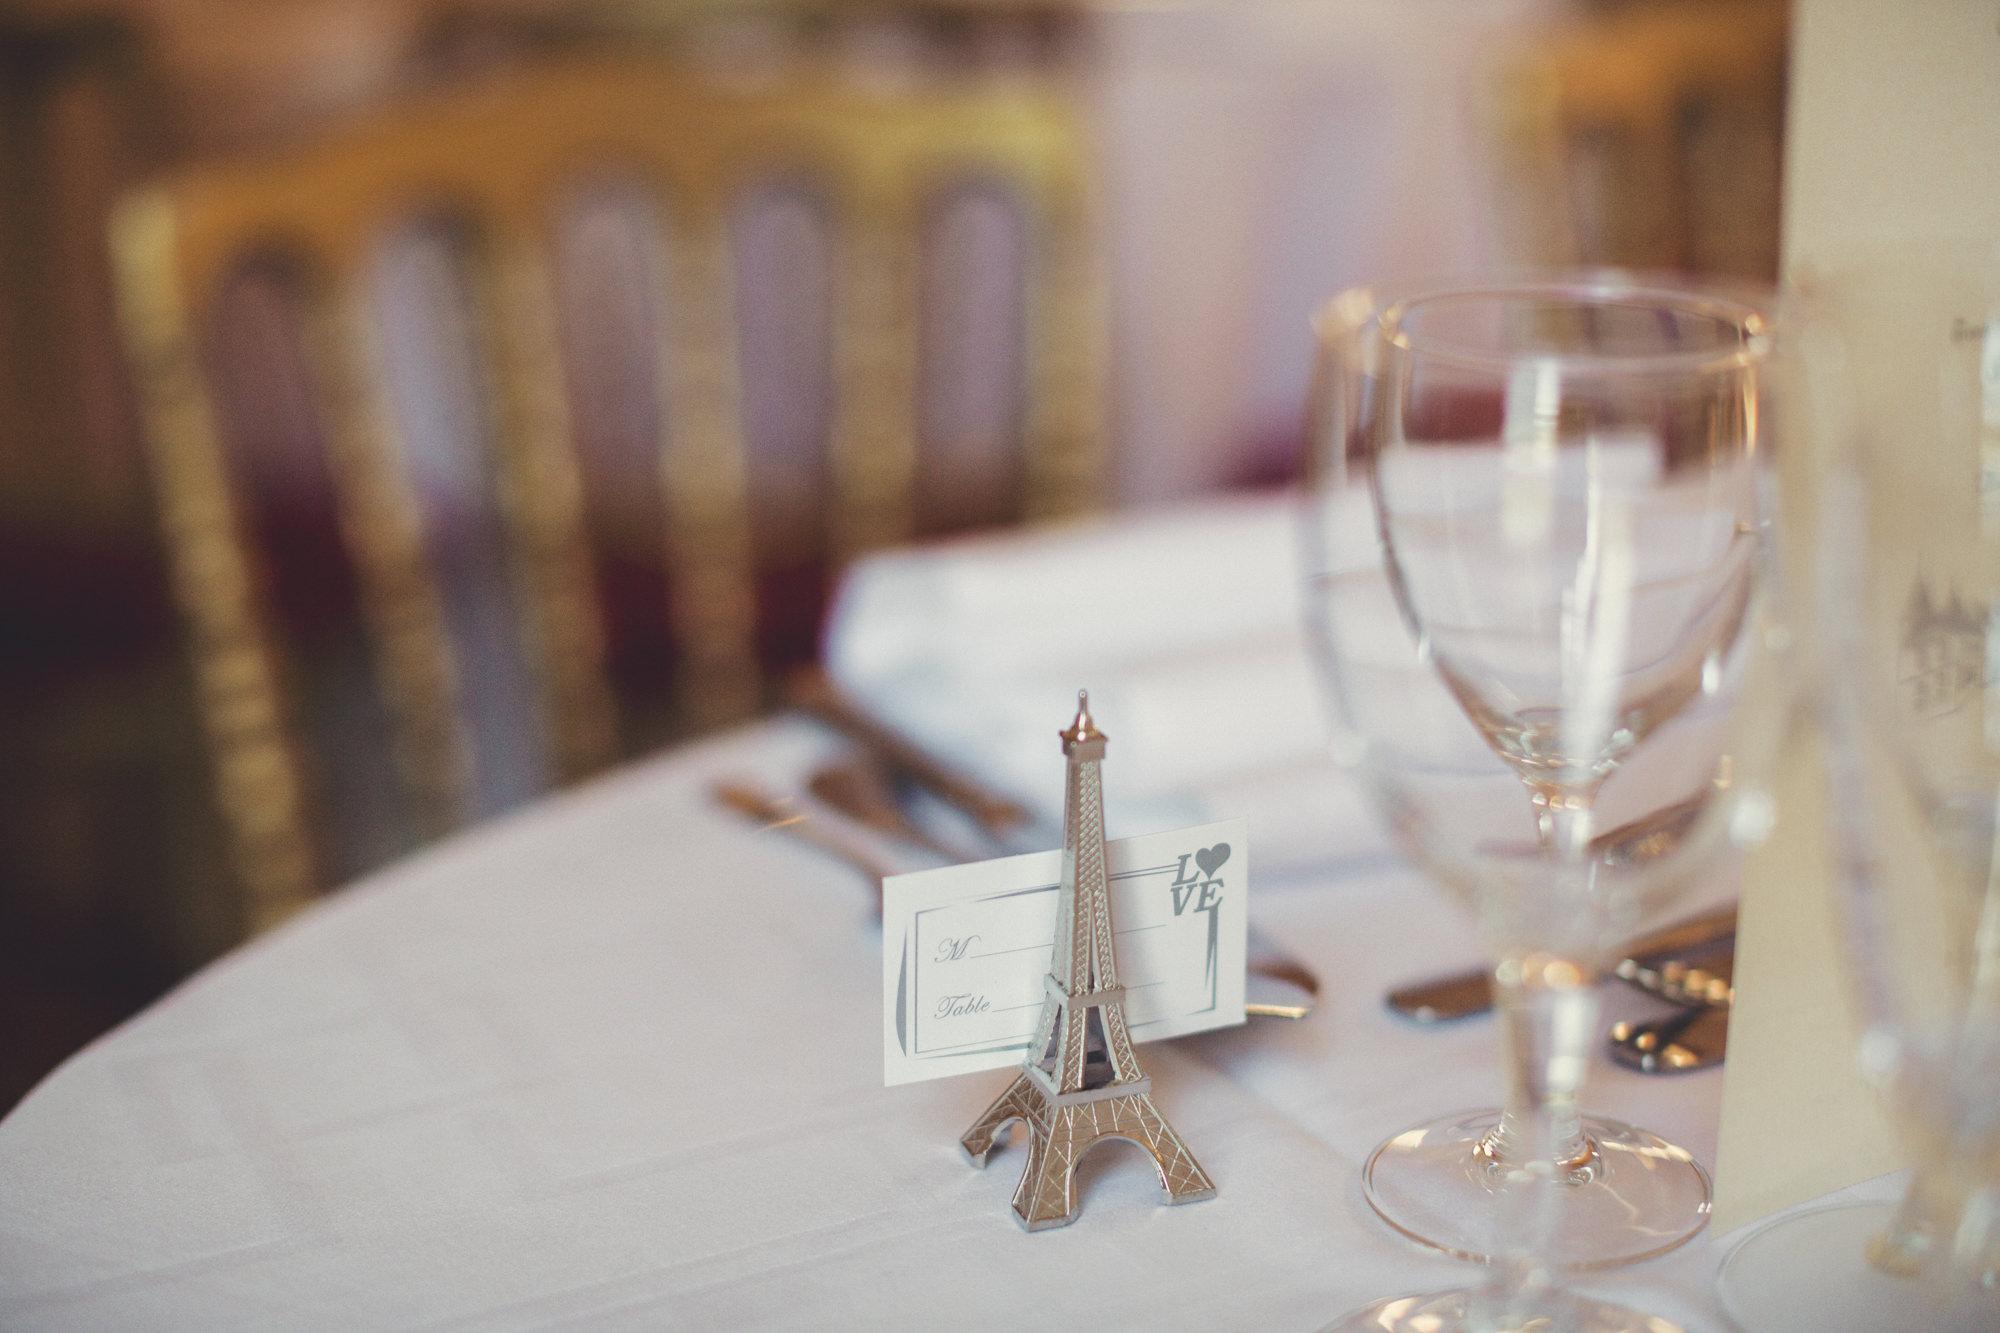 Mariage au Chateau d'Ermenonville@Anne-Claire Brun 98